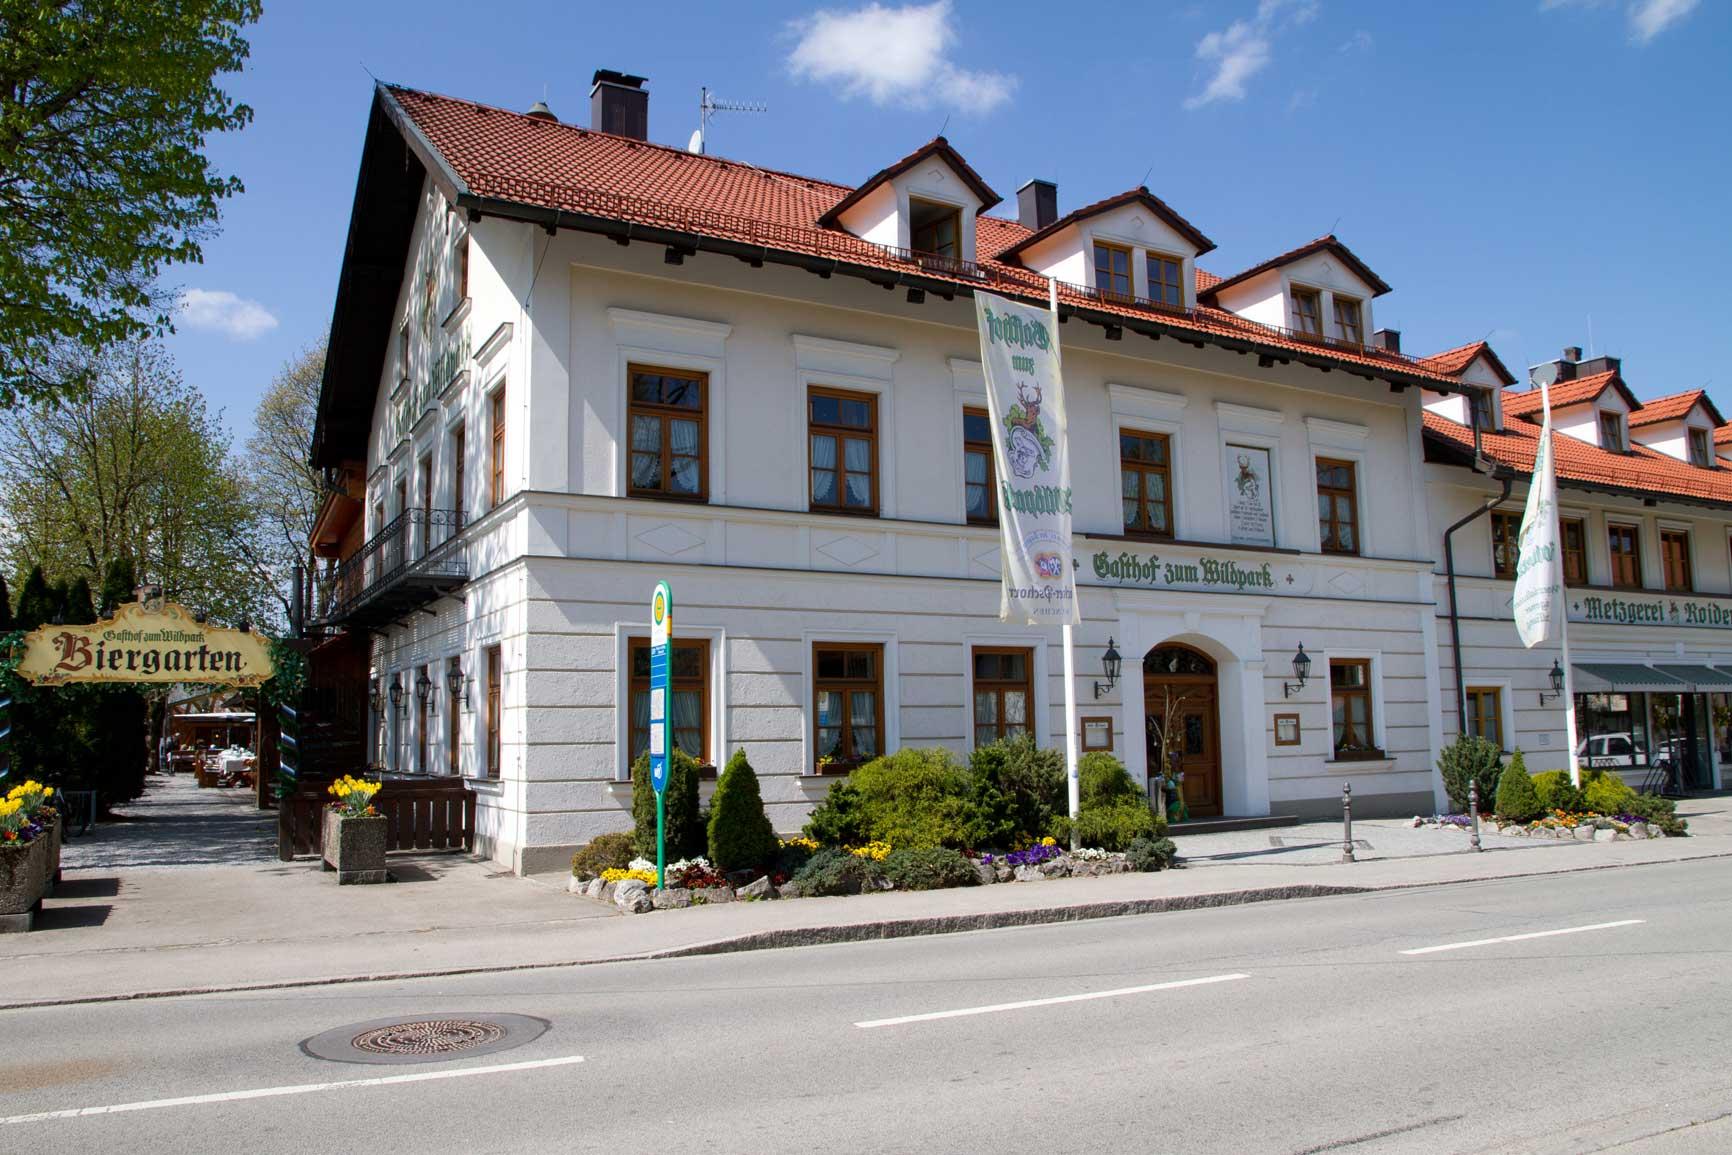 Biergarten Gasthof zum Wildpark in Straßlach bei München